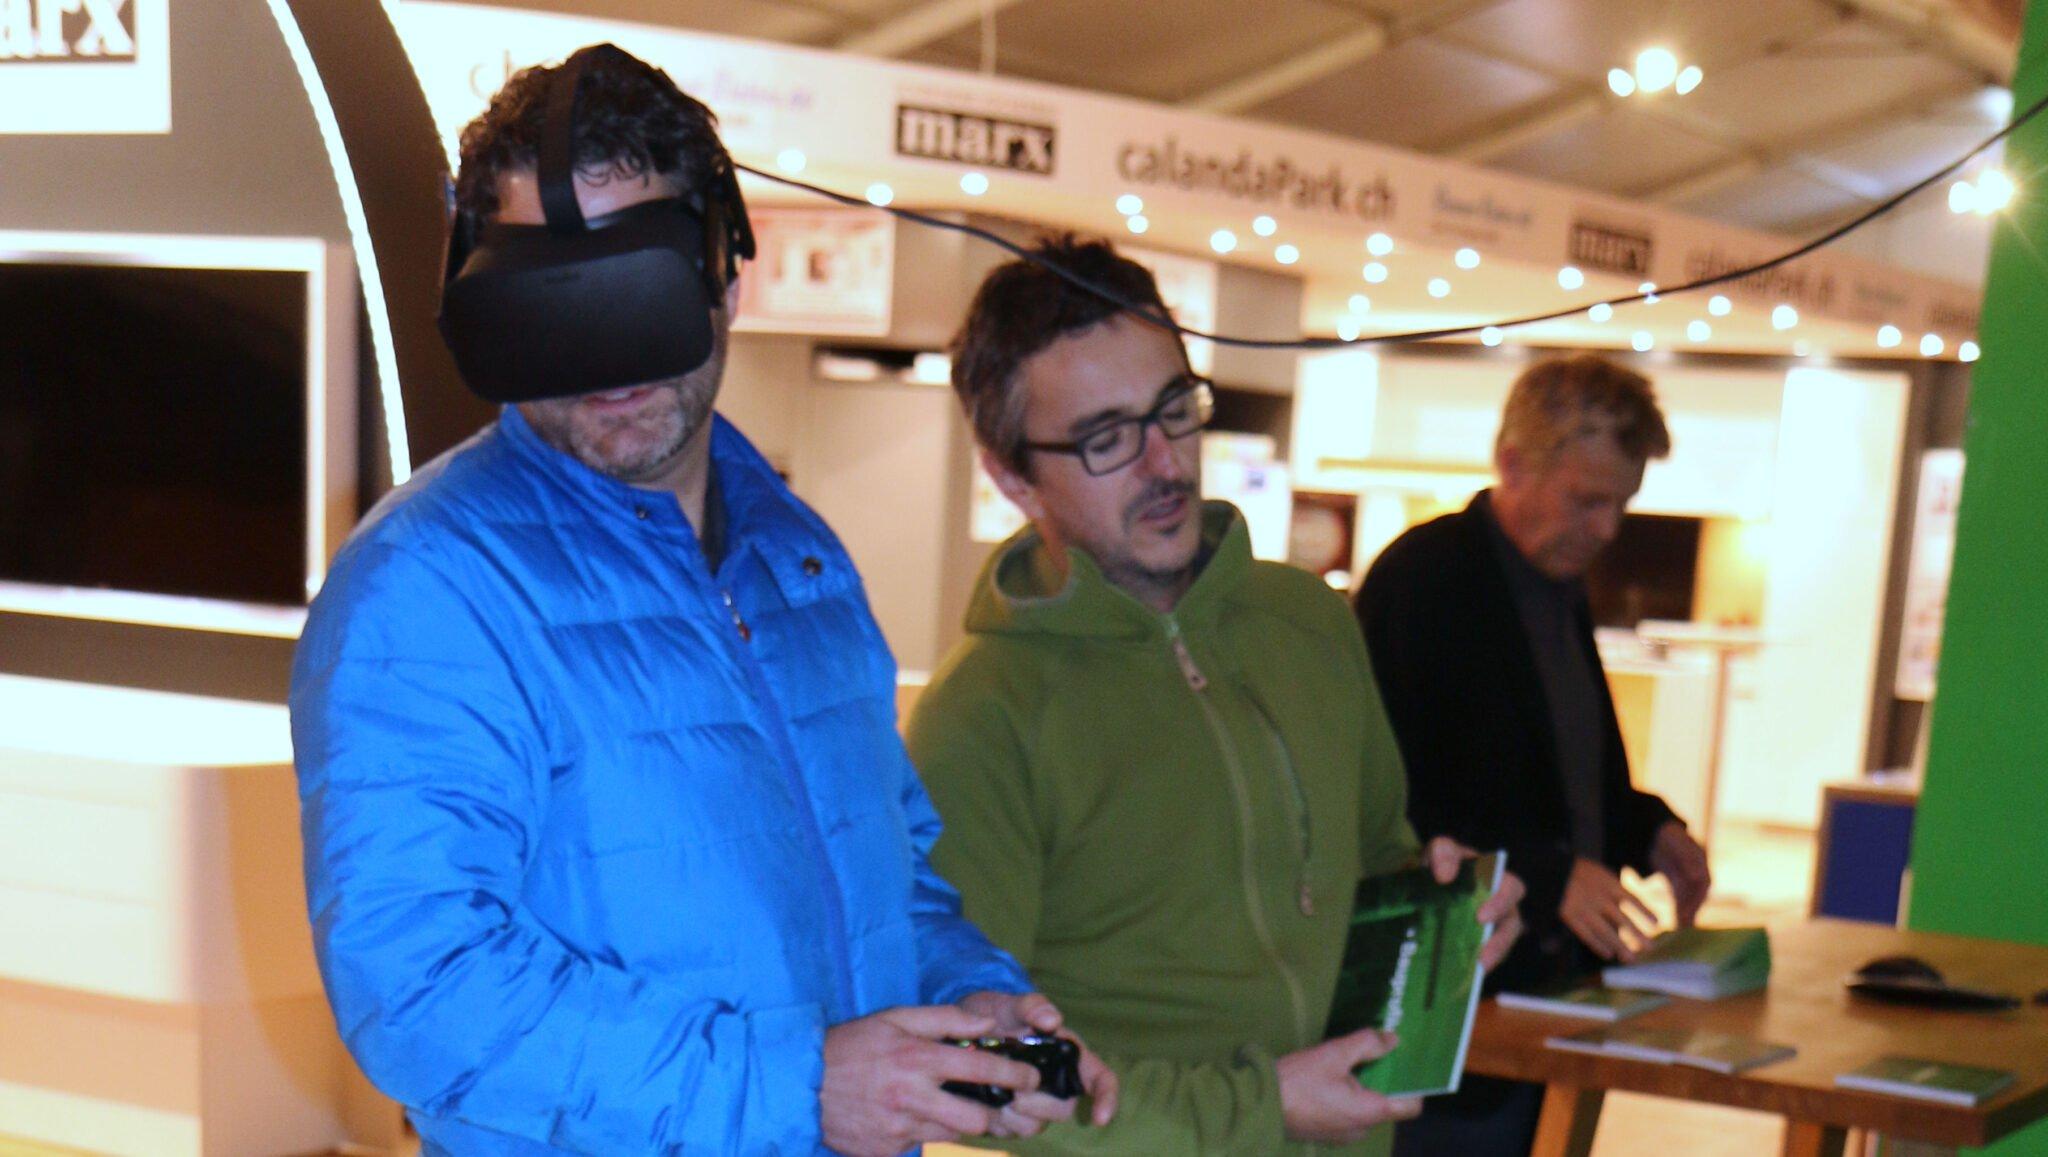 Virtual Reality (VR) - Betrachtung einer 3D-Punktwolke mittels Oculus-Brille